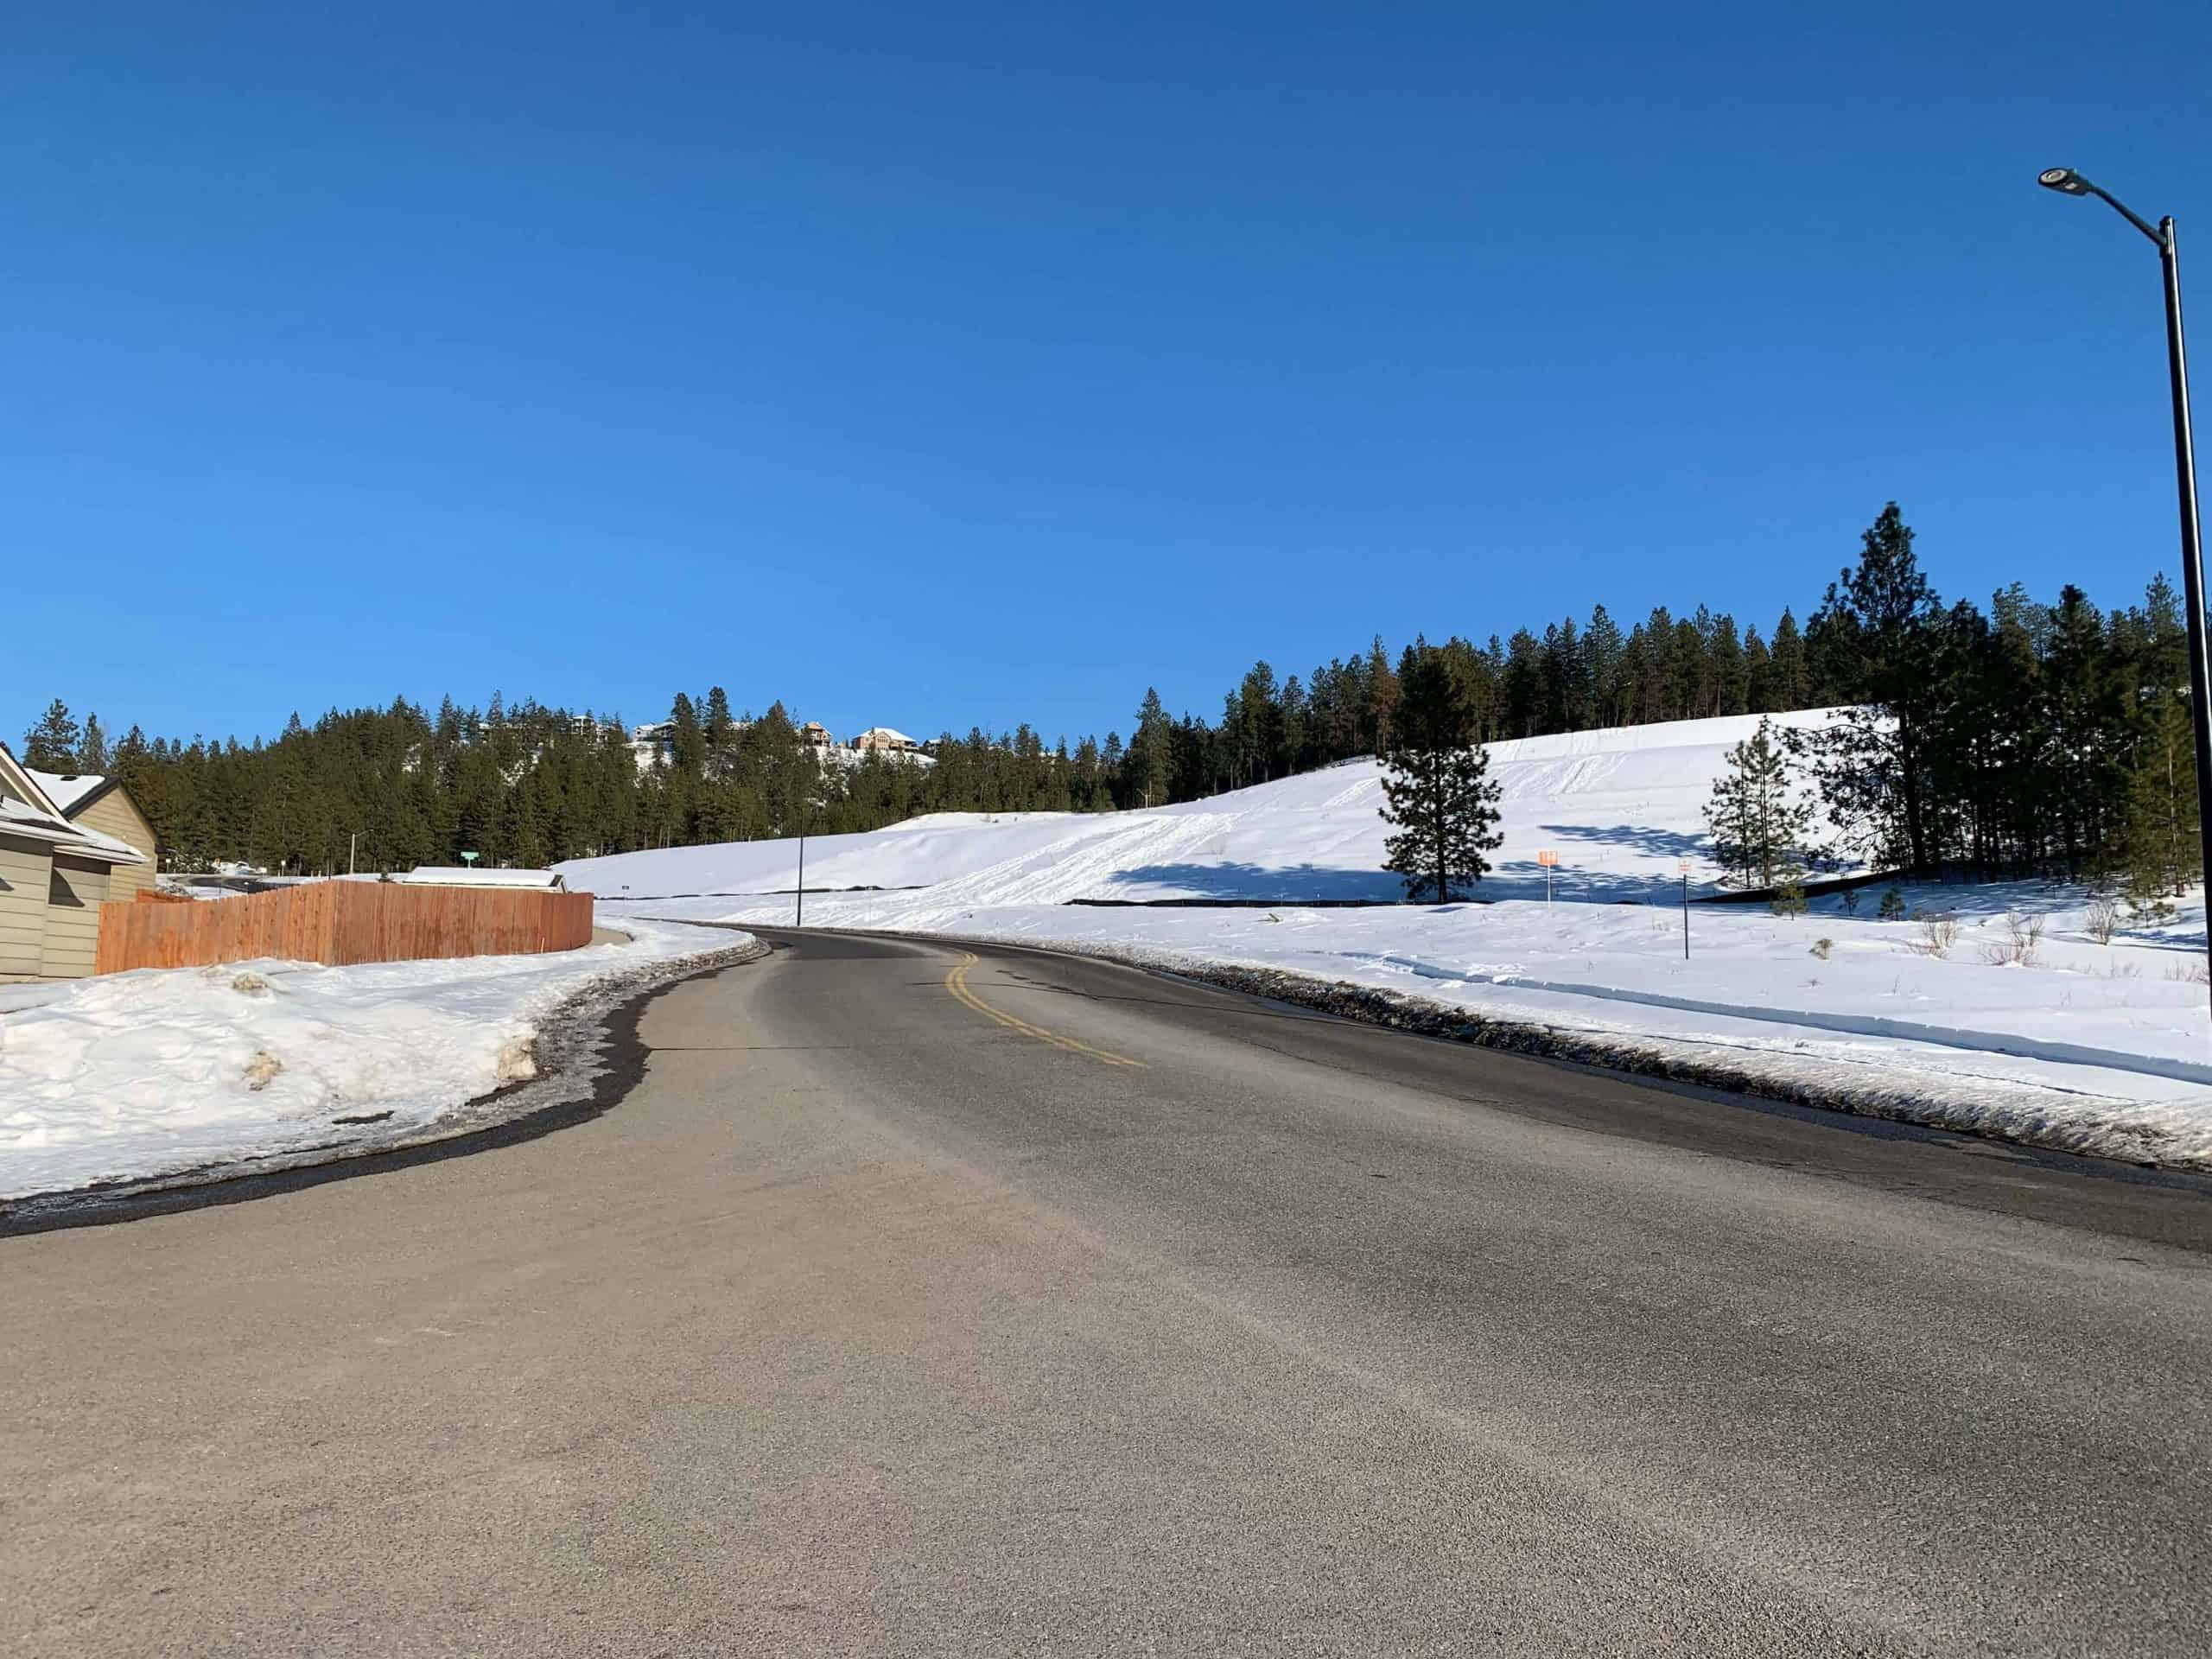 winter in spokane north spokane